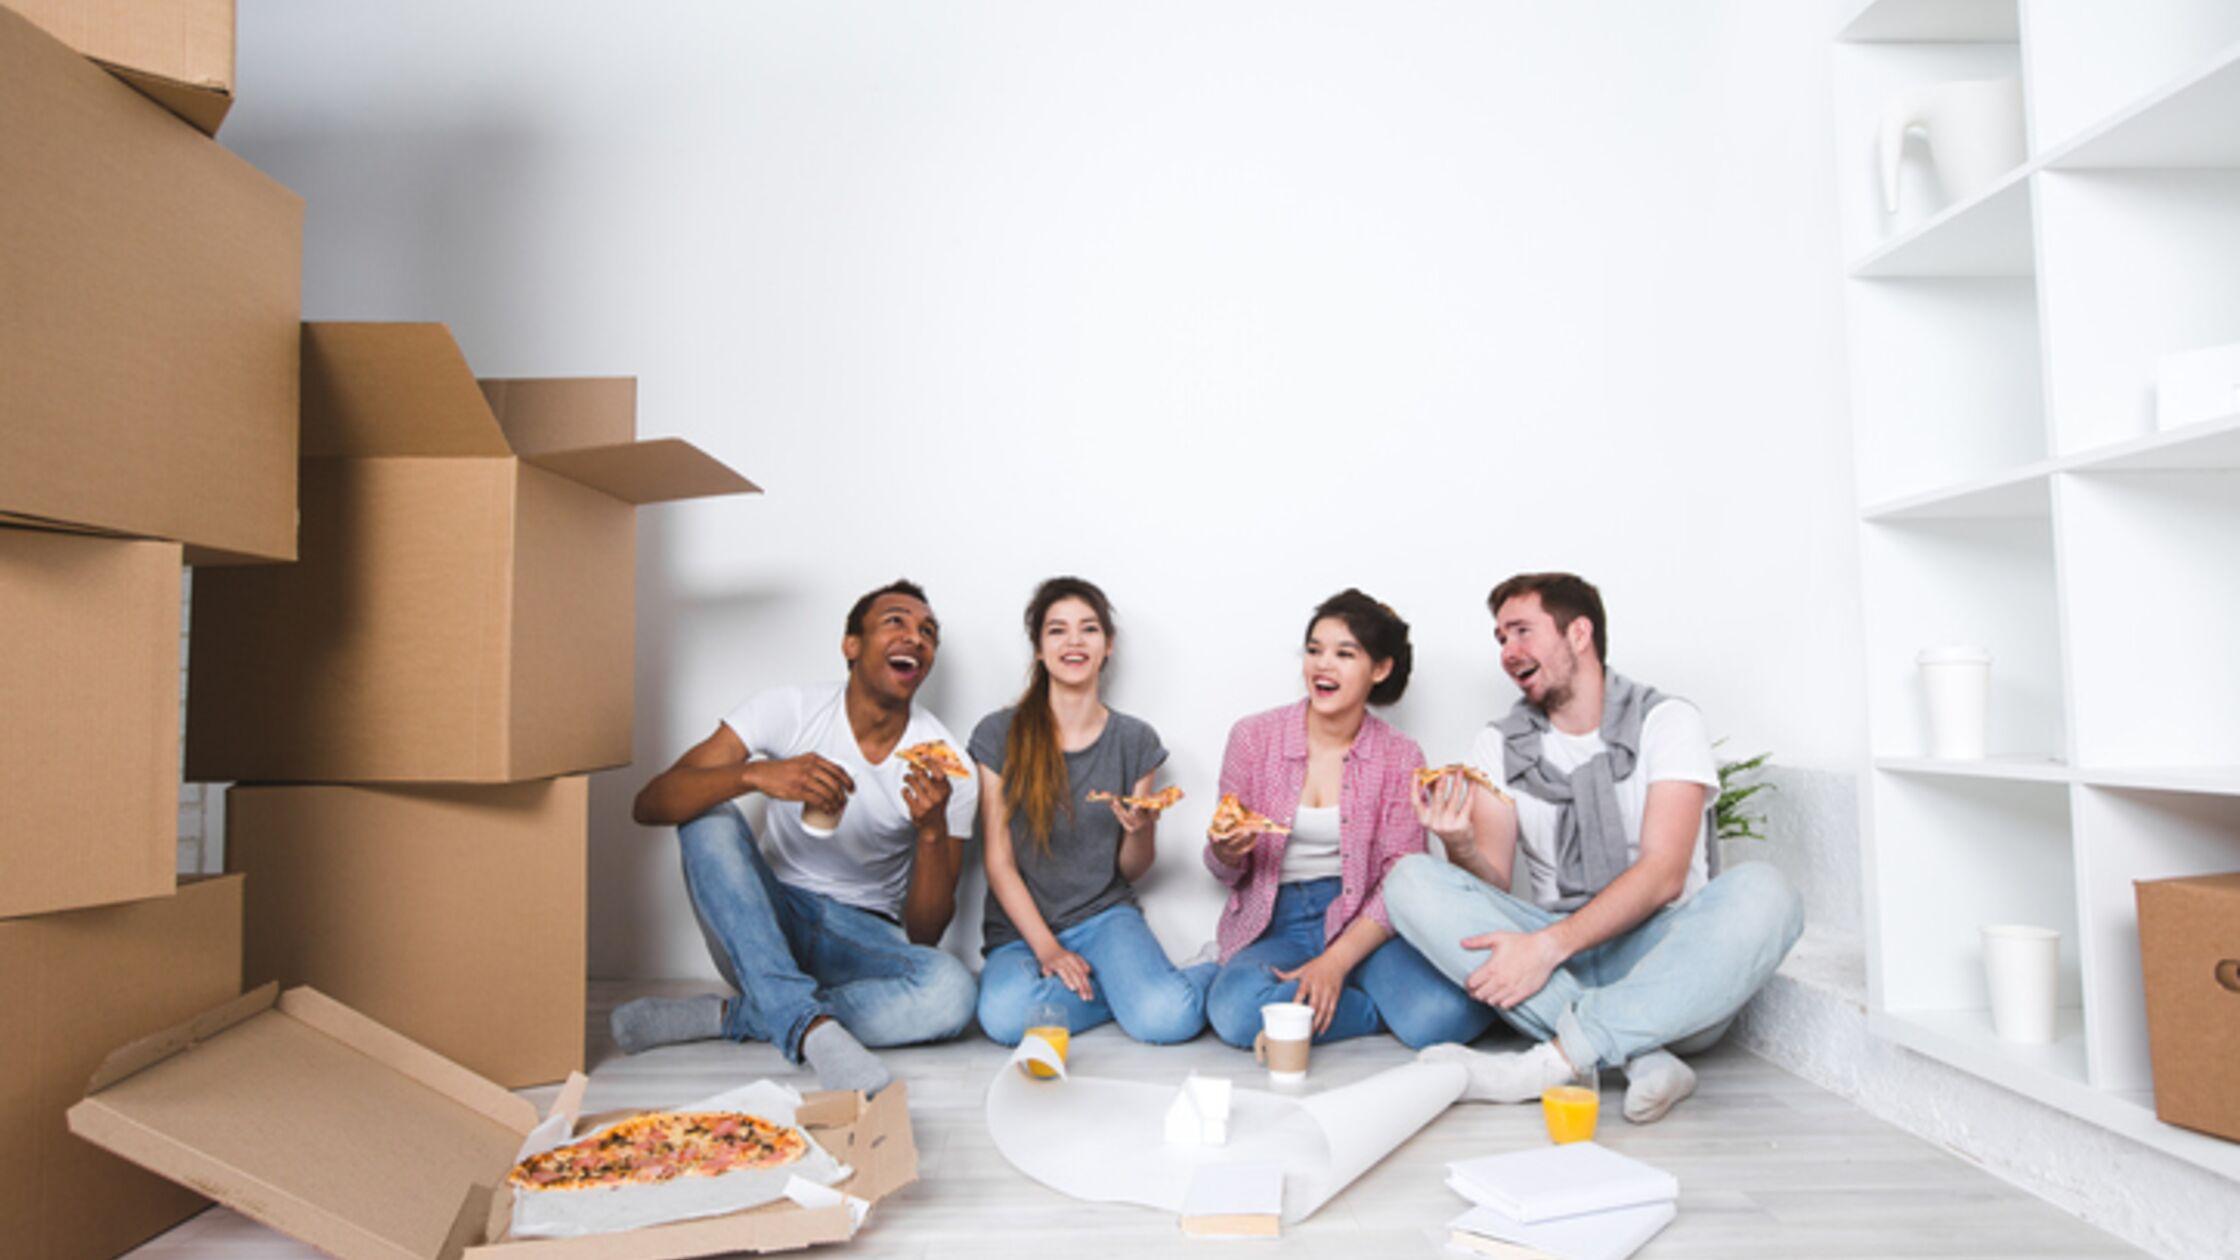 Umzugshelfer sitzen auf dem Boden und essen Pizza